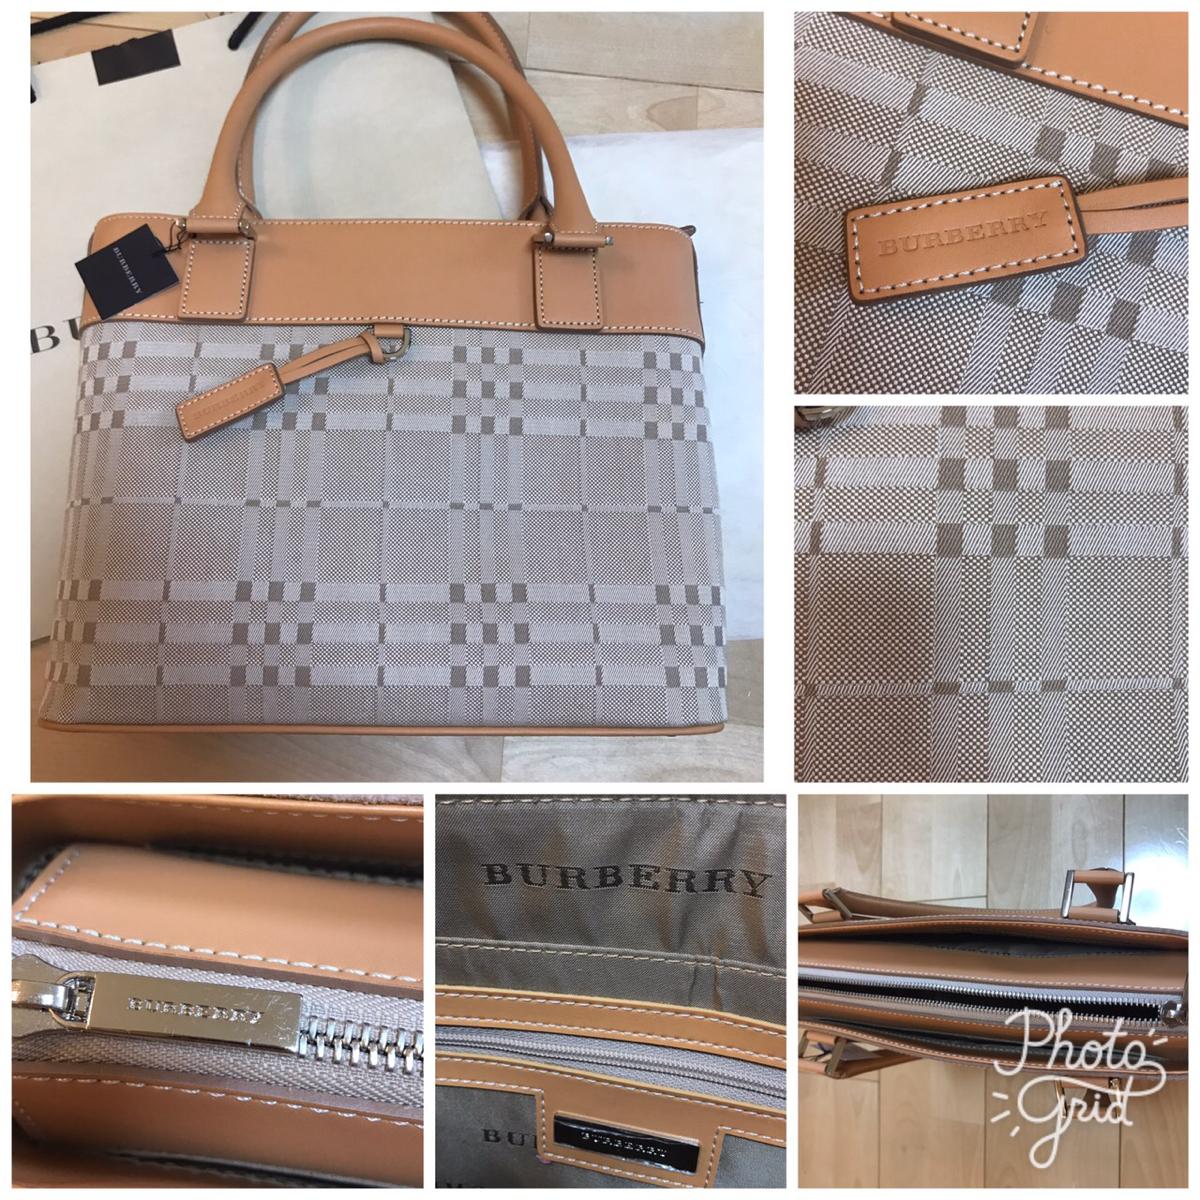 バーバリー ハンドバック バッグ 鞄 カバン 日本製 新品未使用 秋冬 e_画像3